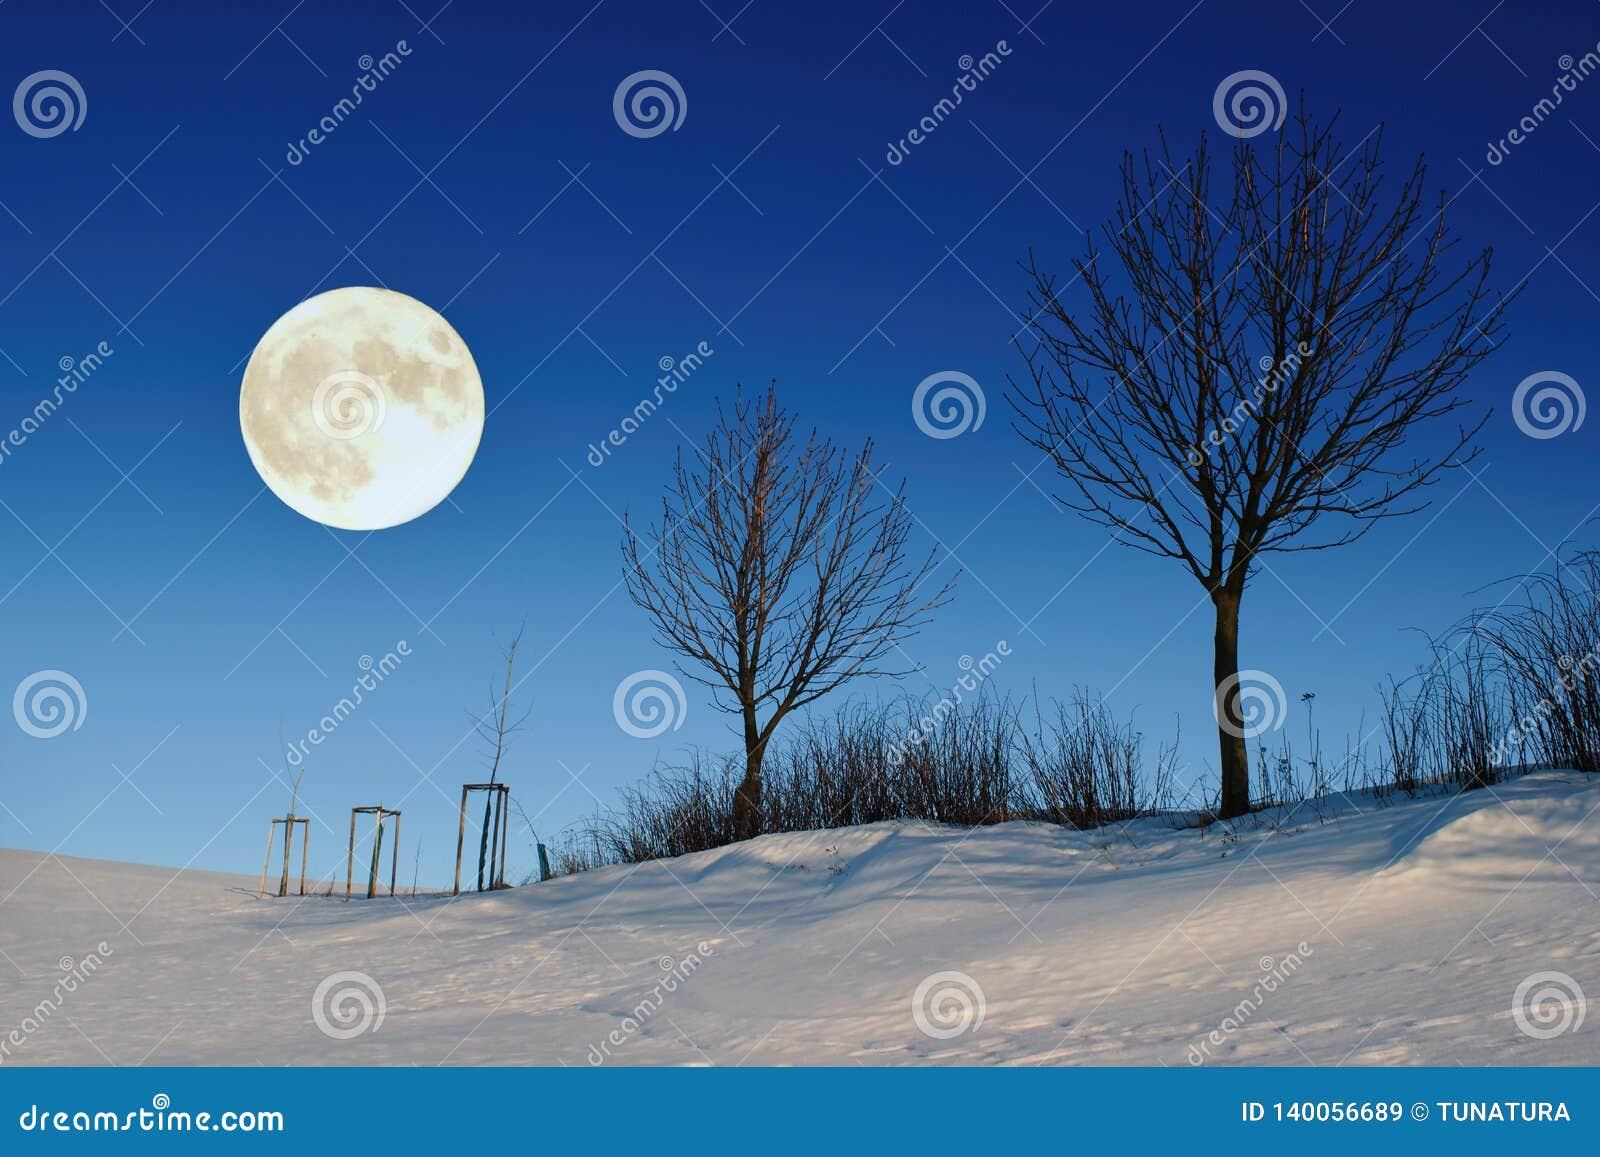 Schöne Winternachtlandschaft mit Baum silhouetes und Vollmond